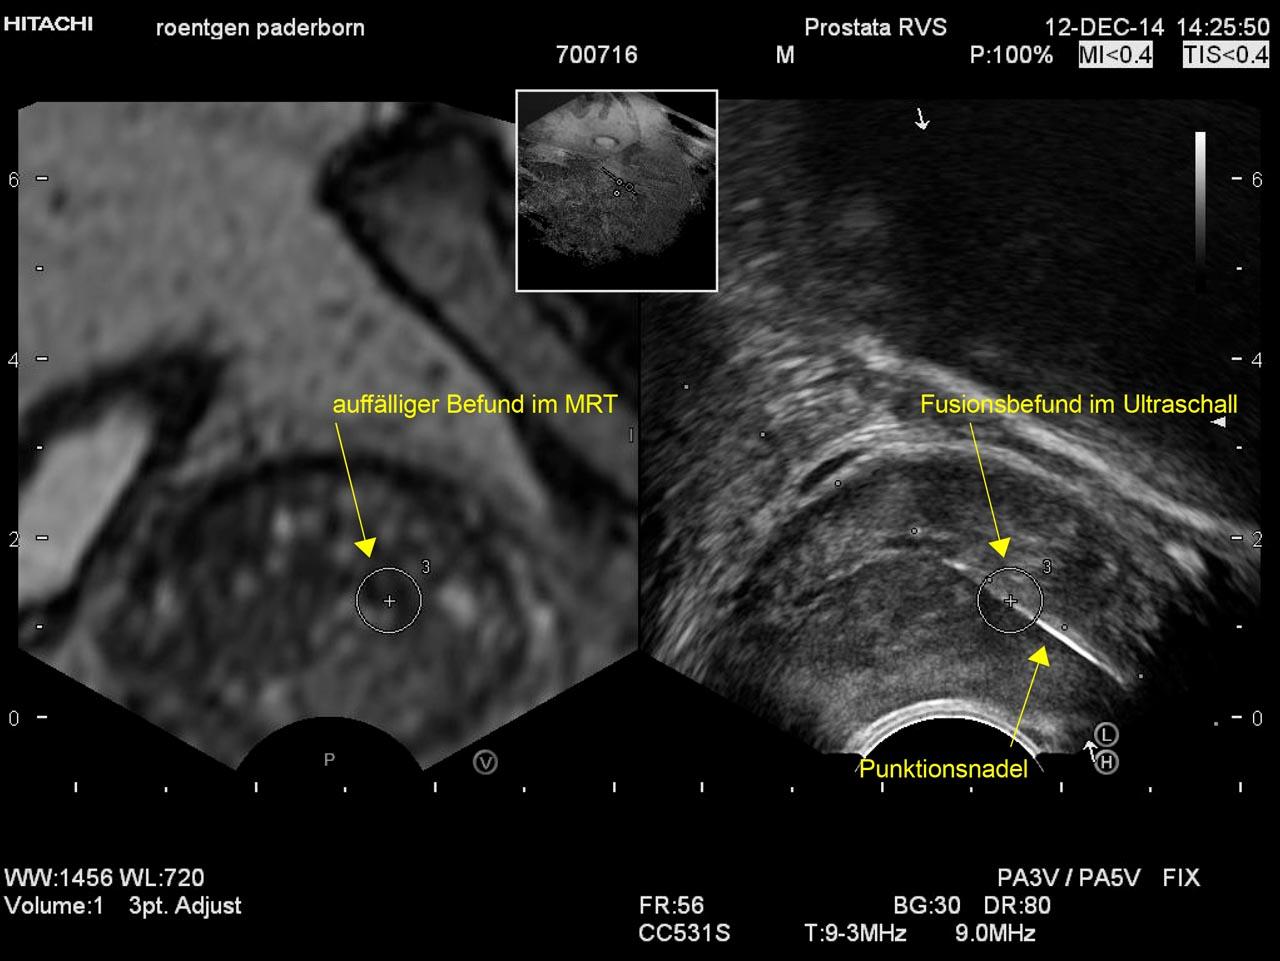 Fusion zwischen Kernspintomographie und Ultraschall bei der gezielten ultraschallgesteuerten Biopsie